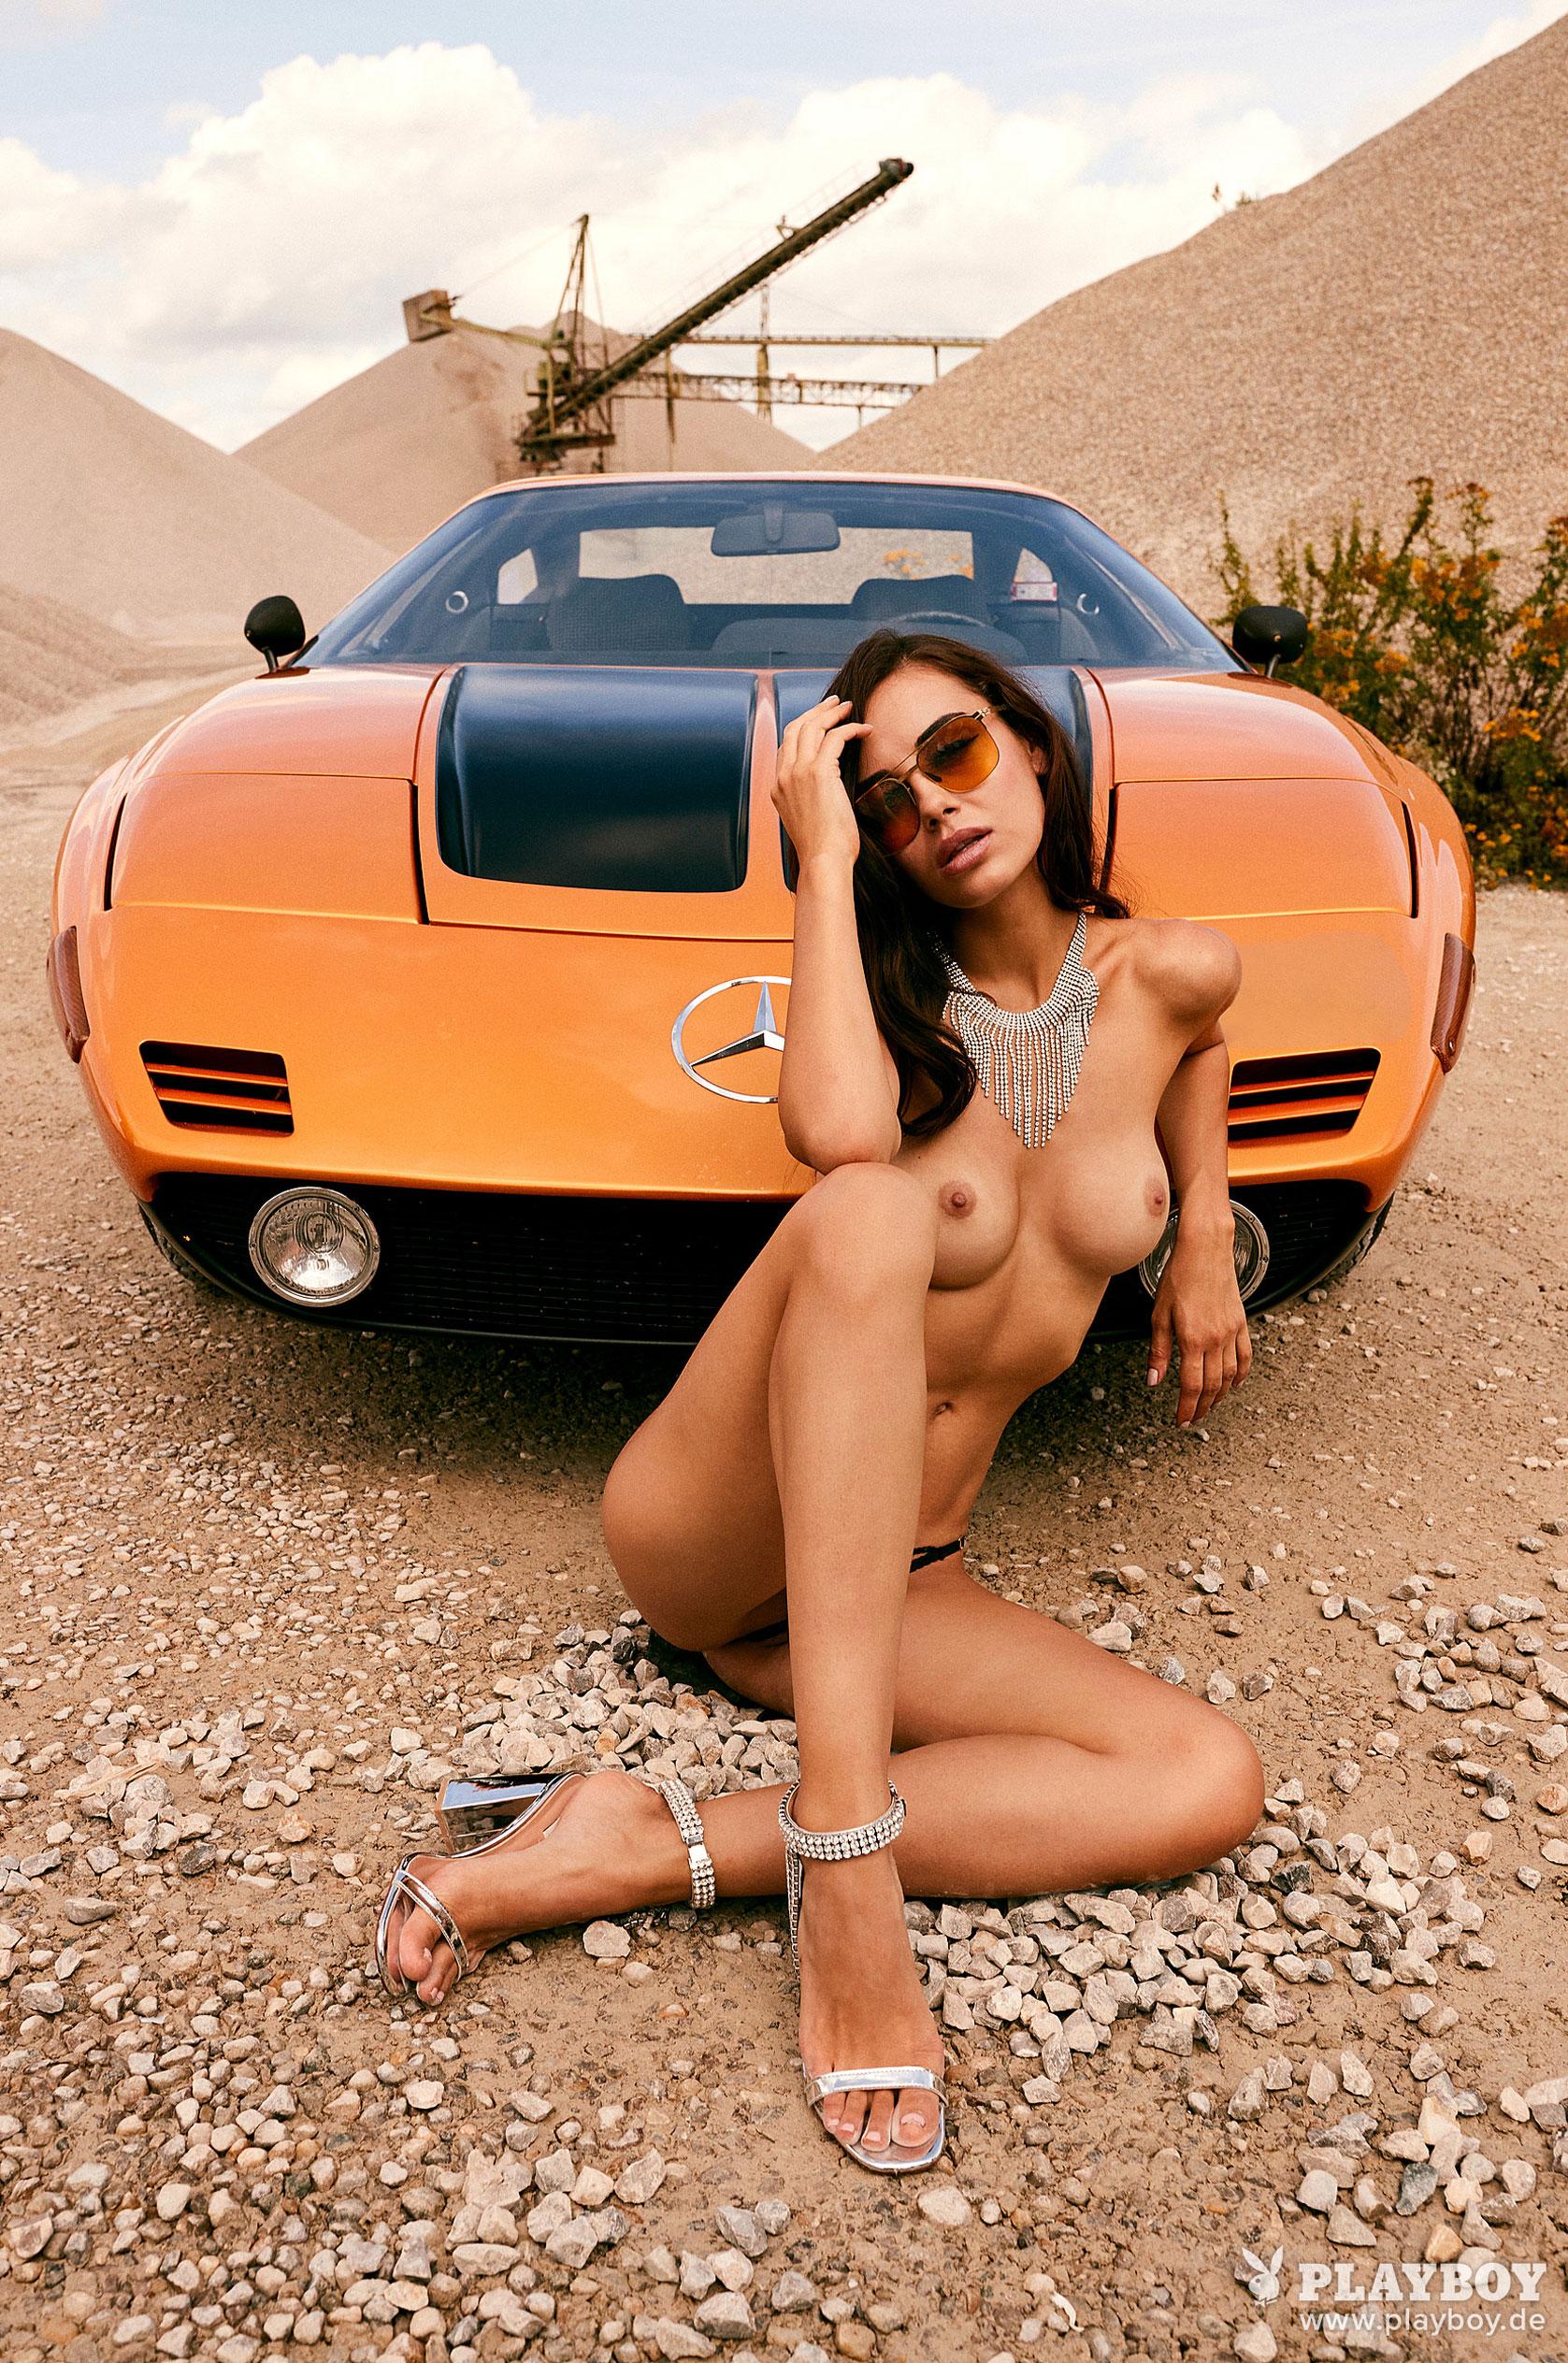 Сексуальная и голая Вероника Климович позирует вместе с легендарным Mercedes-Benz C 111 / фото 07